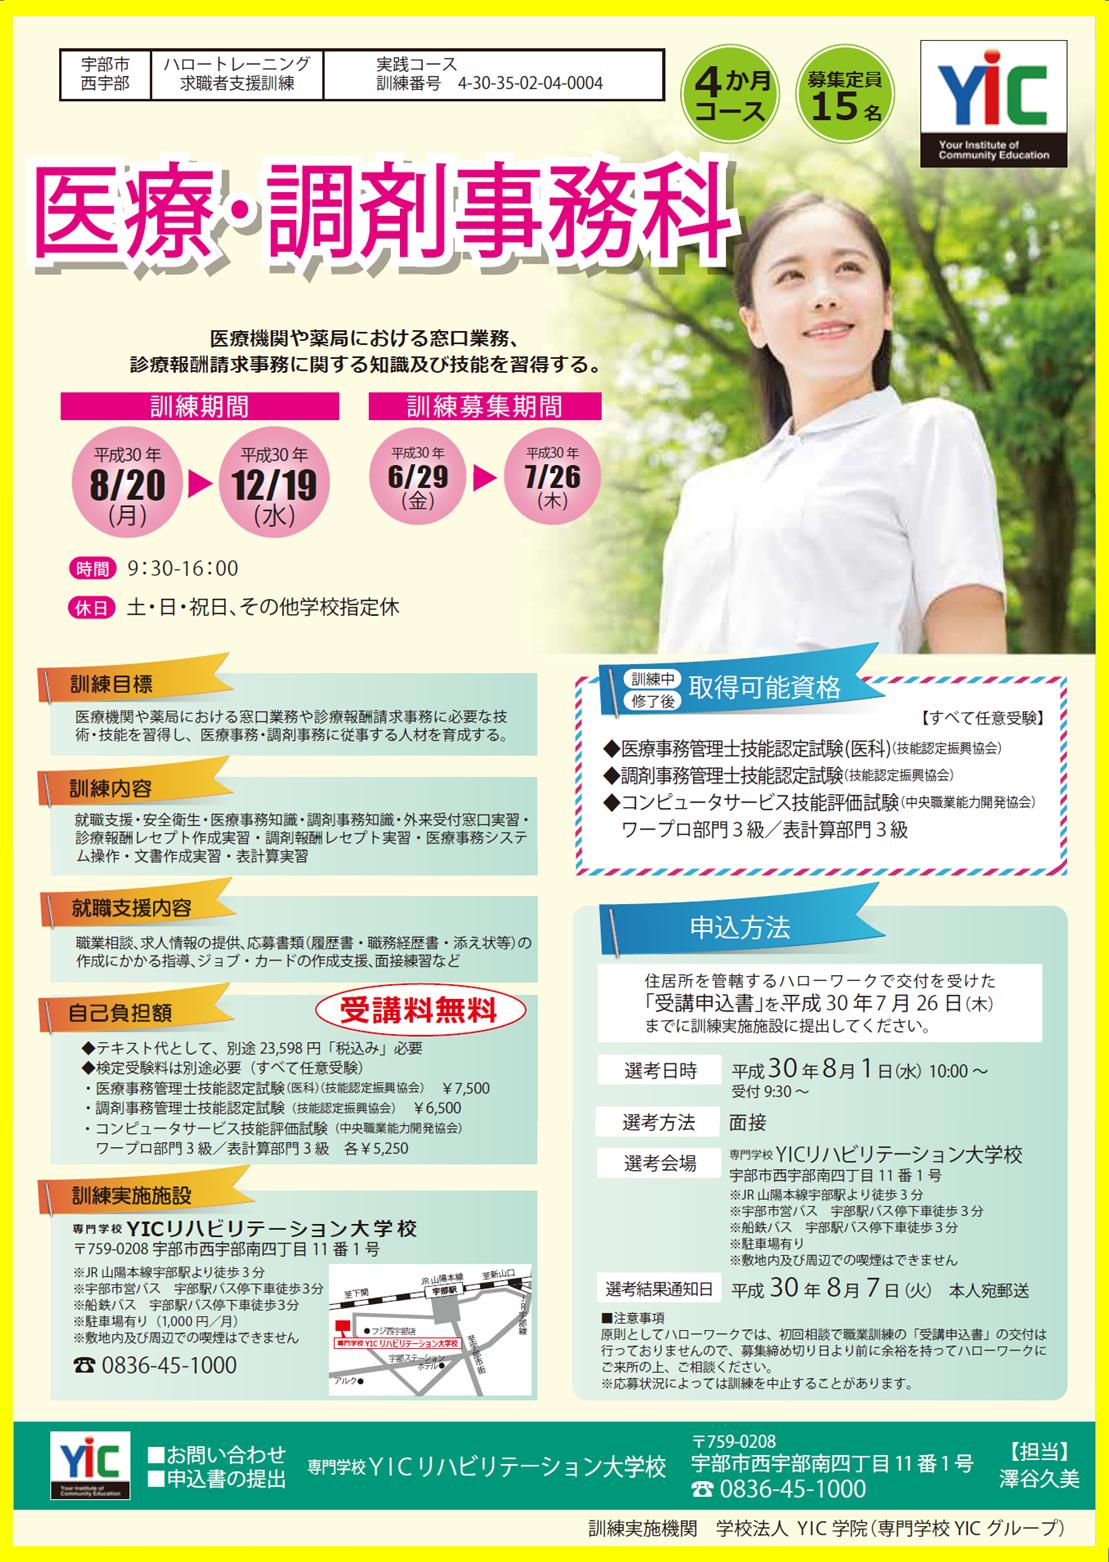 【6・7月募集】医療・調剤事務科